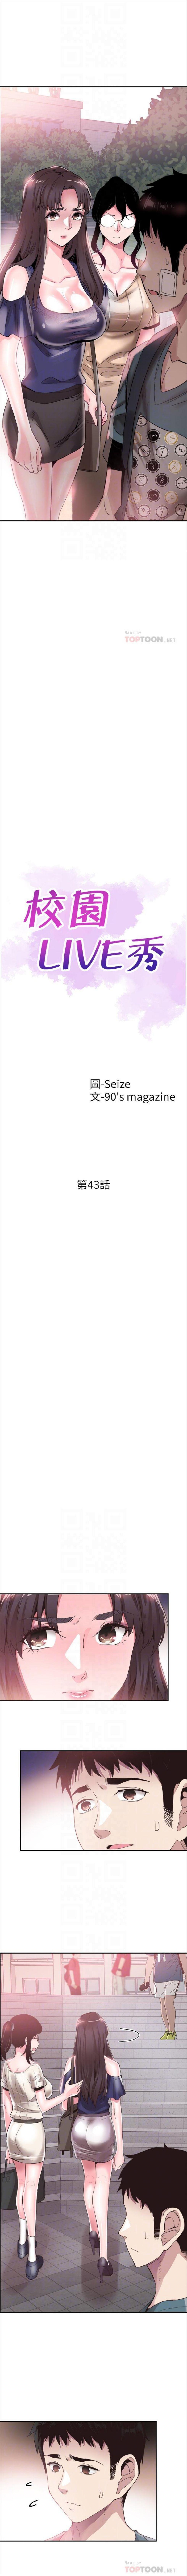 (週7)校園live秀 1-50 中文翻譯(更新中) 295